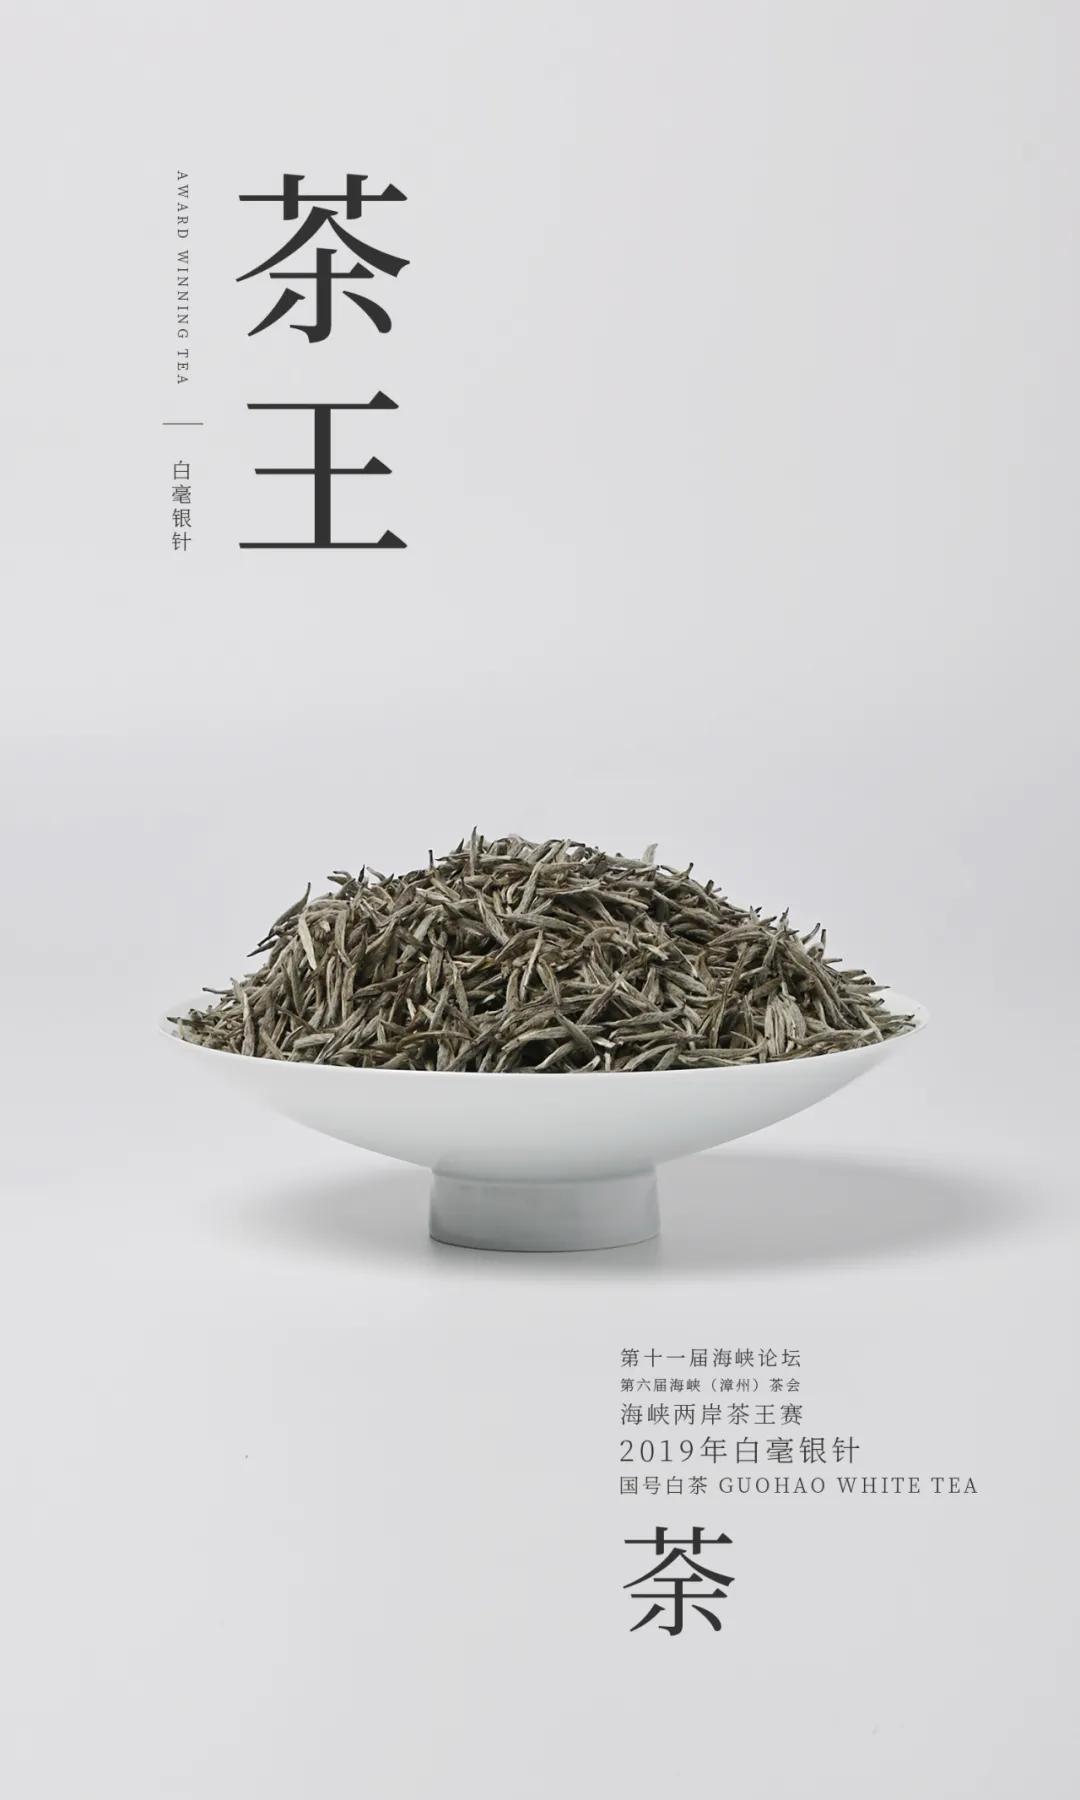 状元白 | 2019年茶王银针